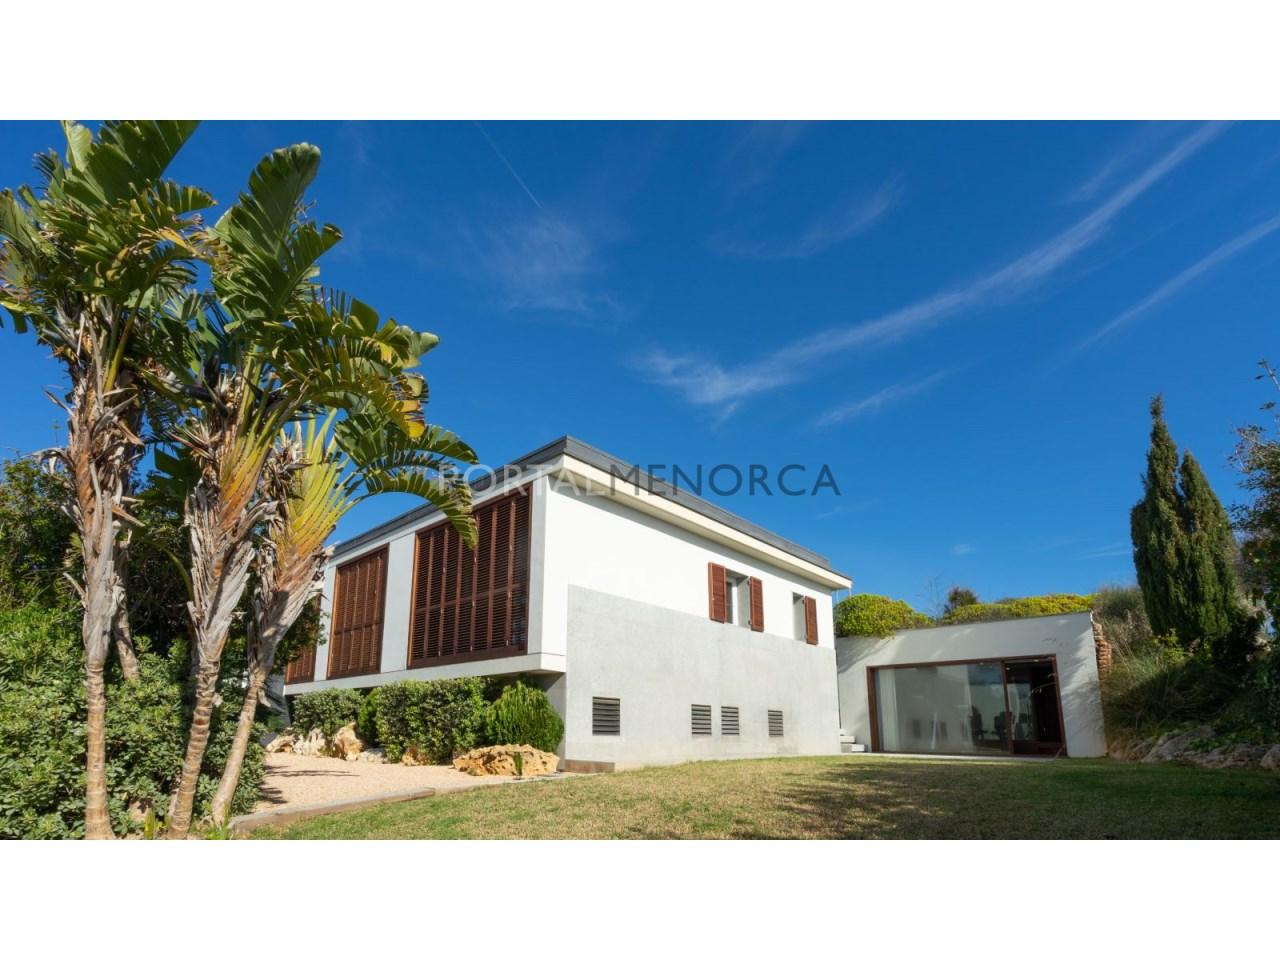 casa-comprar-puerto-mahon-menorca (5)